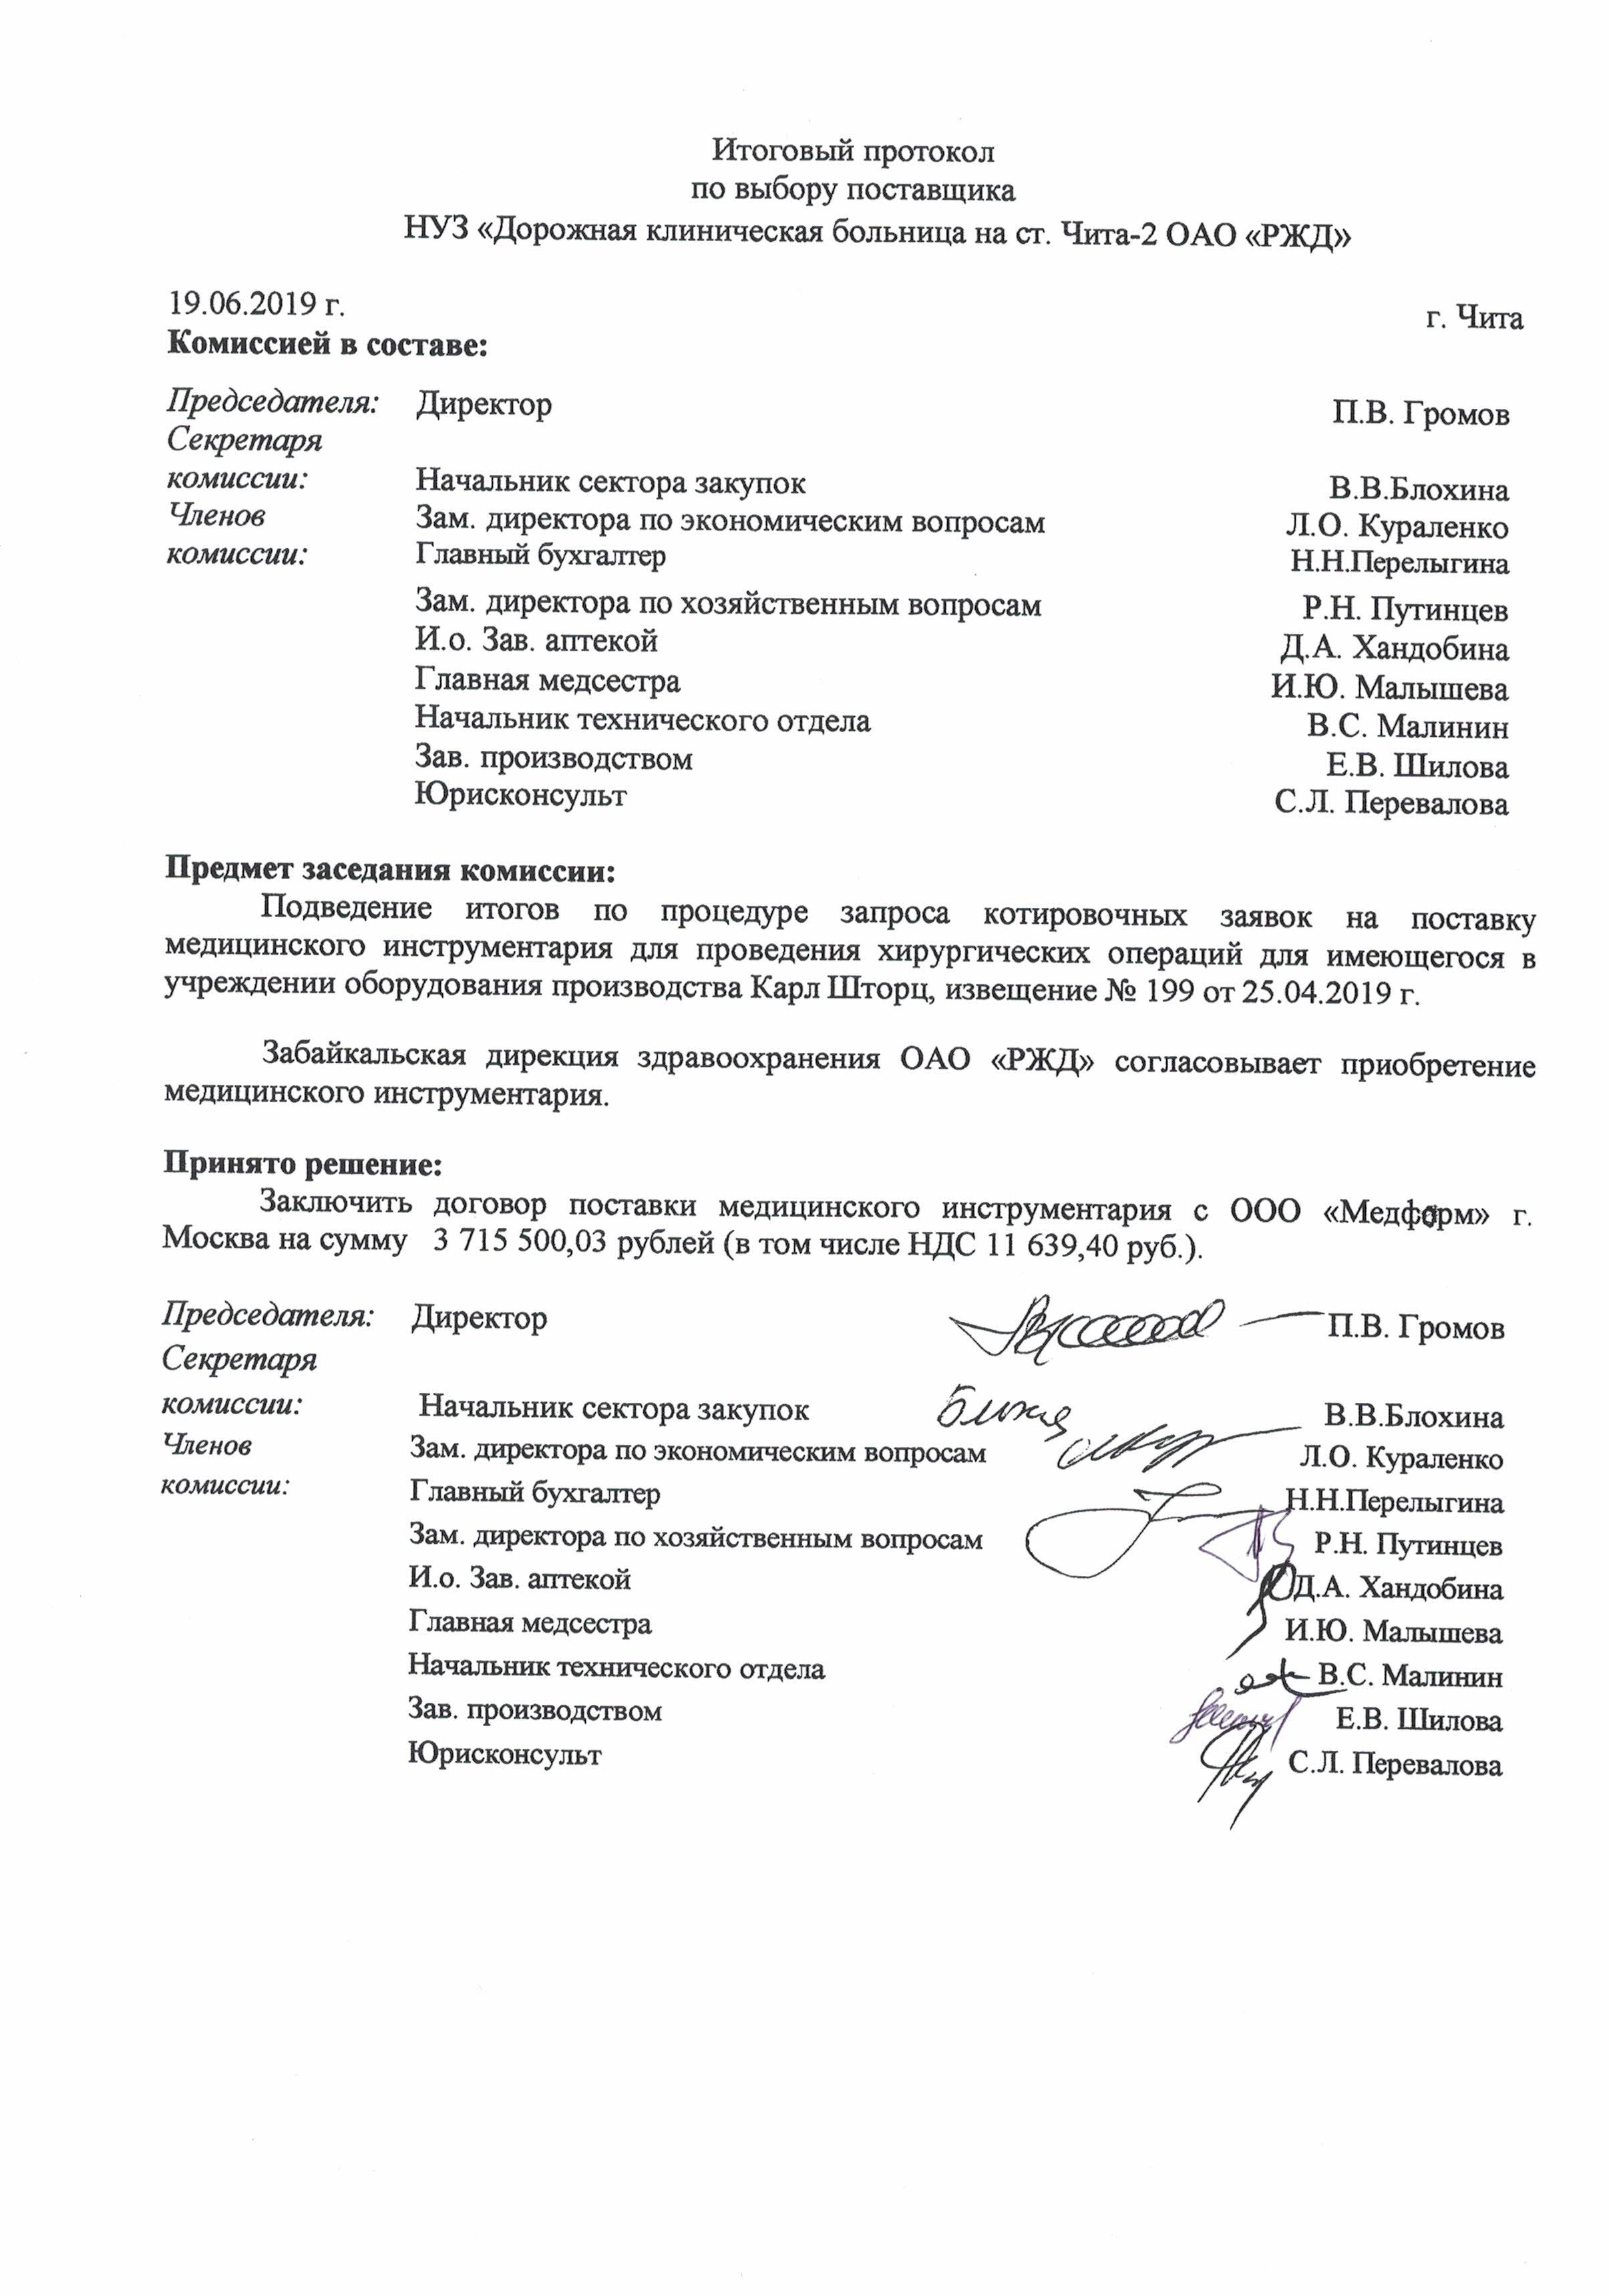 шаблон речи председателя комиссии при вскрытии конвертов с